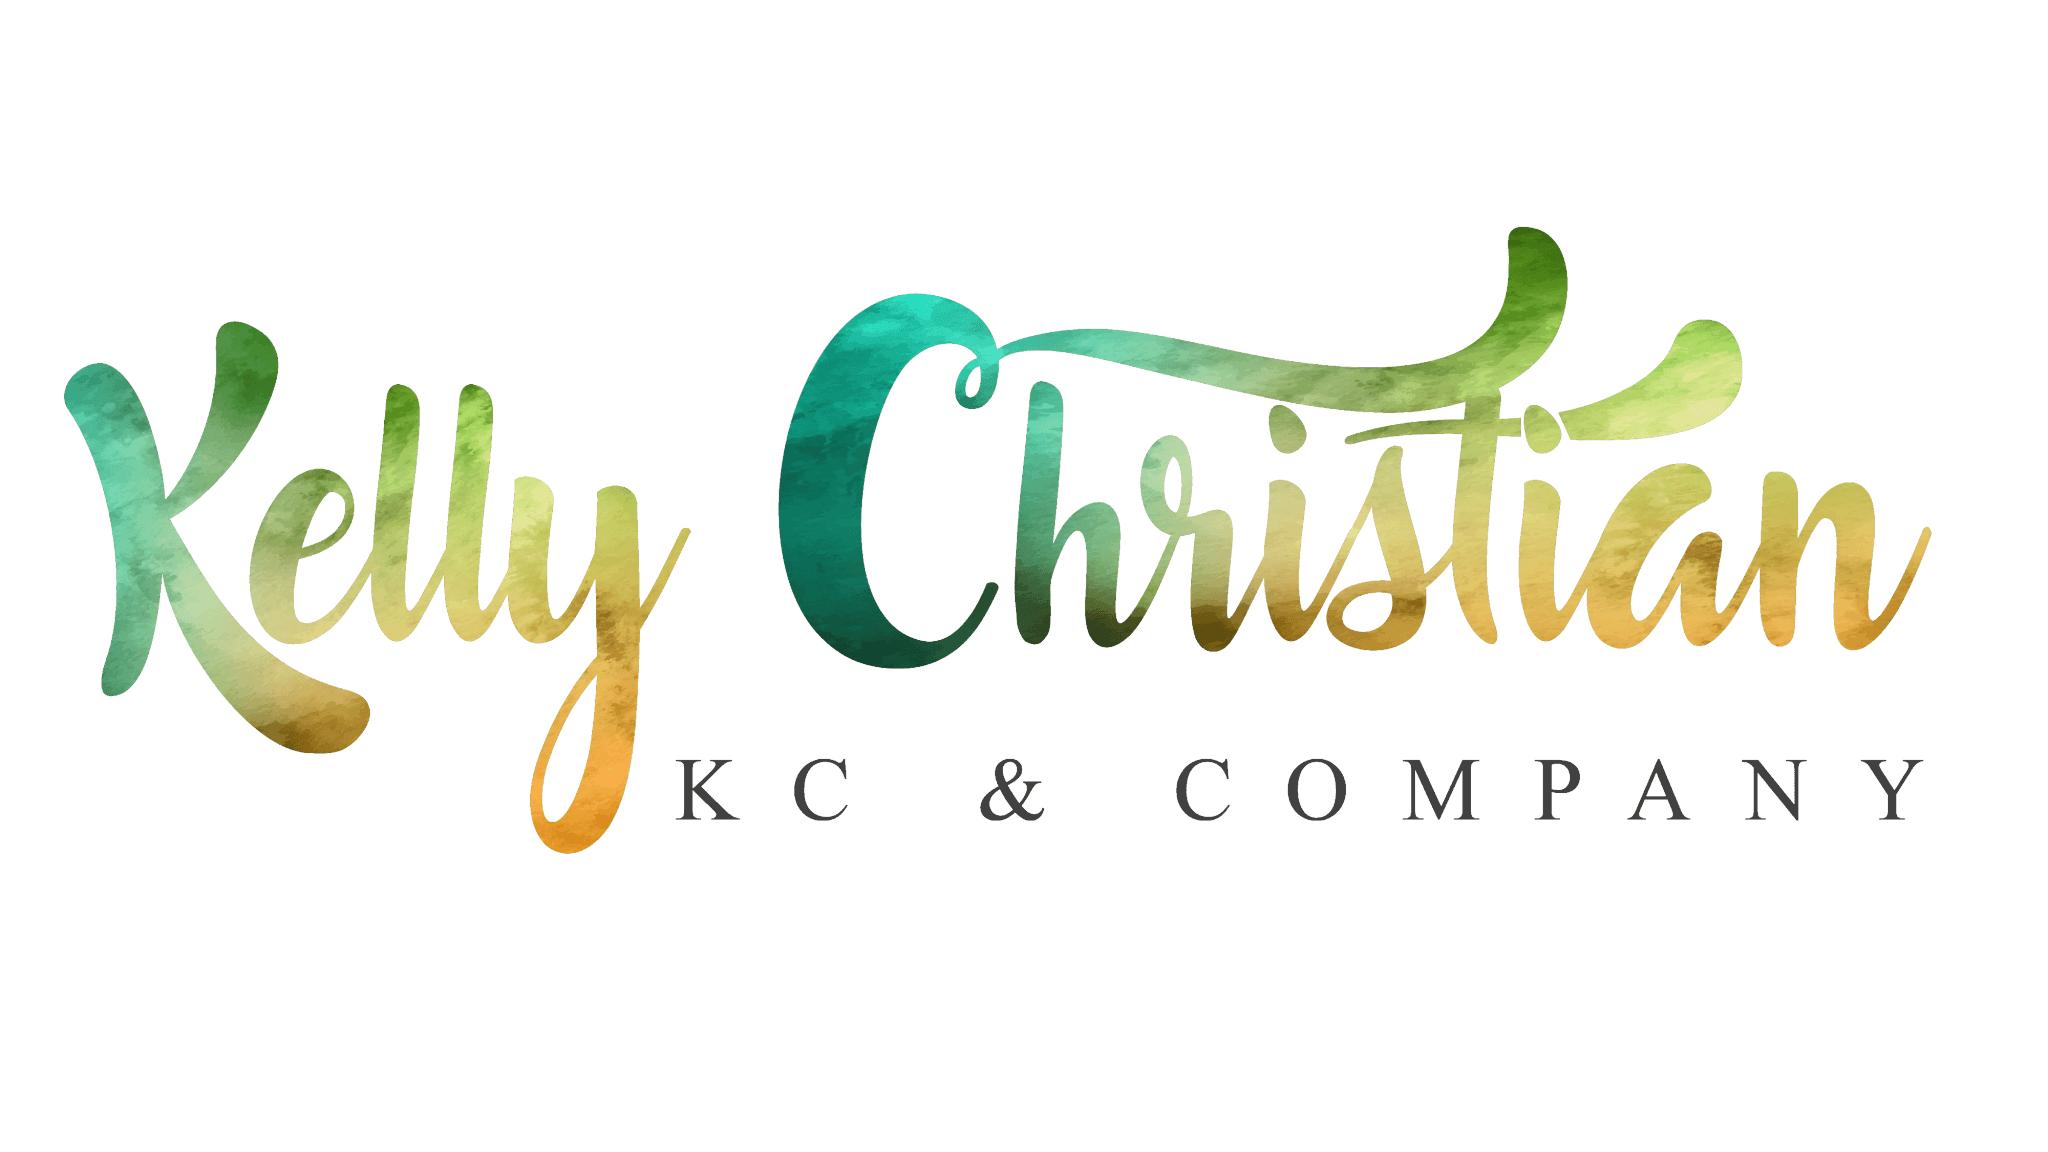 KC & Company